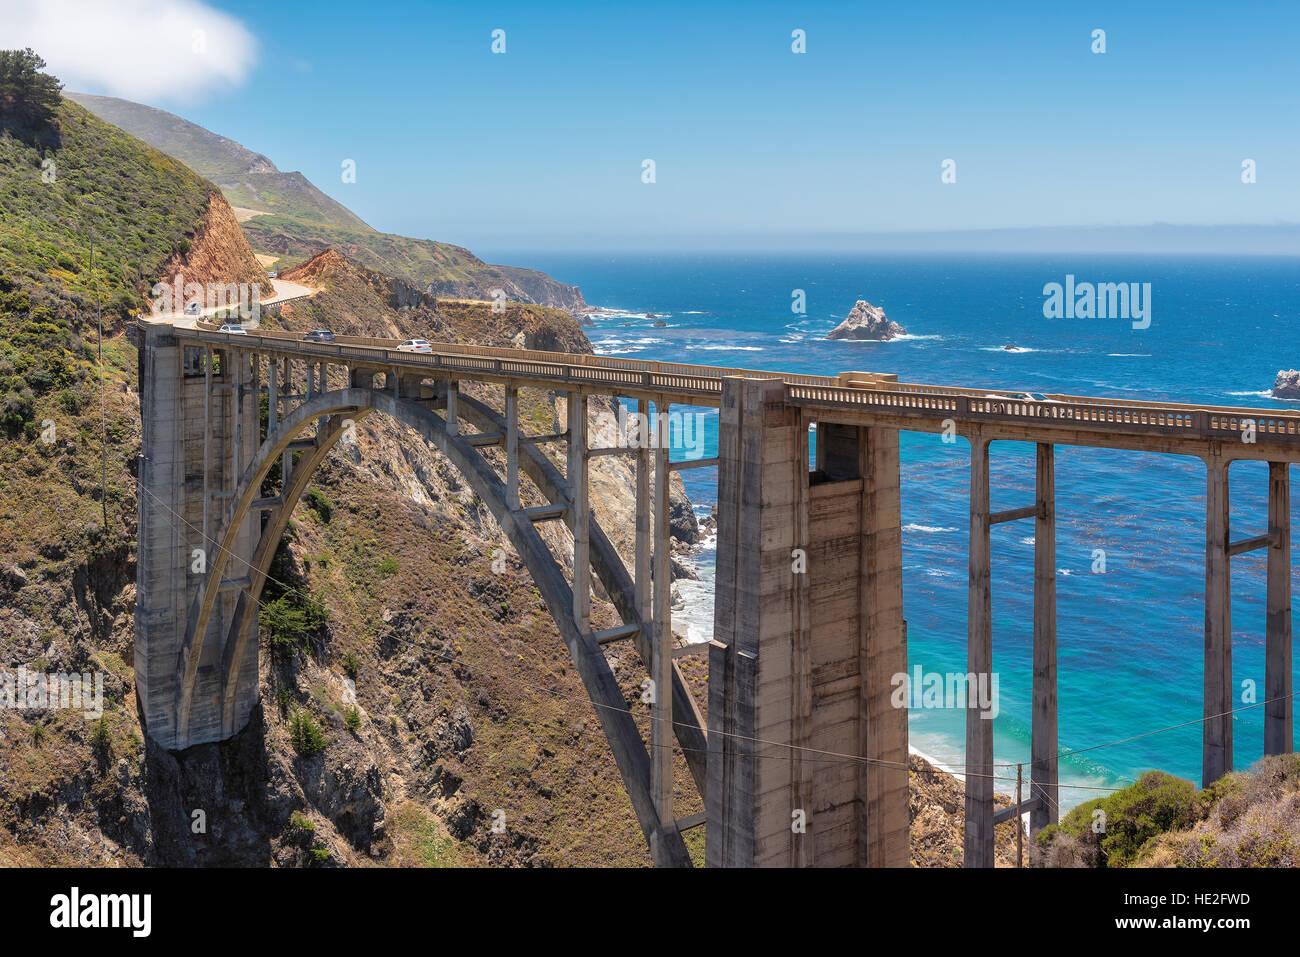 Bixby ponte sulla California Pacific Coast, Stati Uniti d'America. Immagini Stock